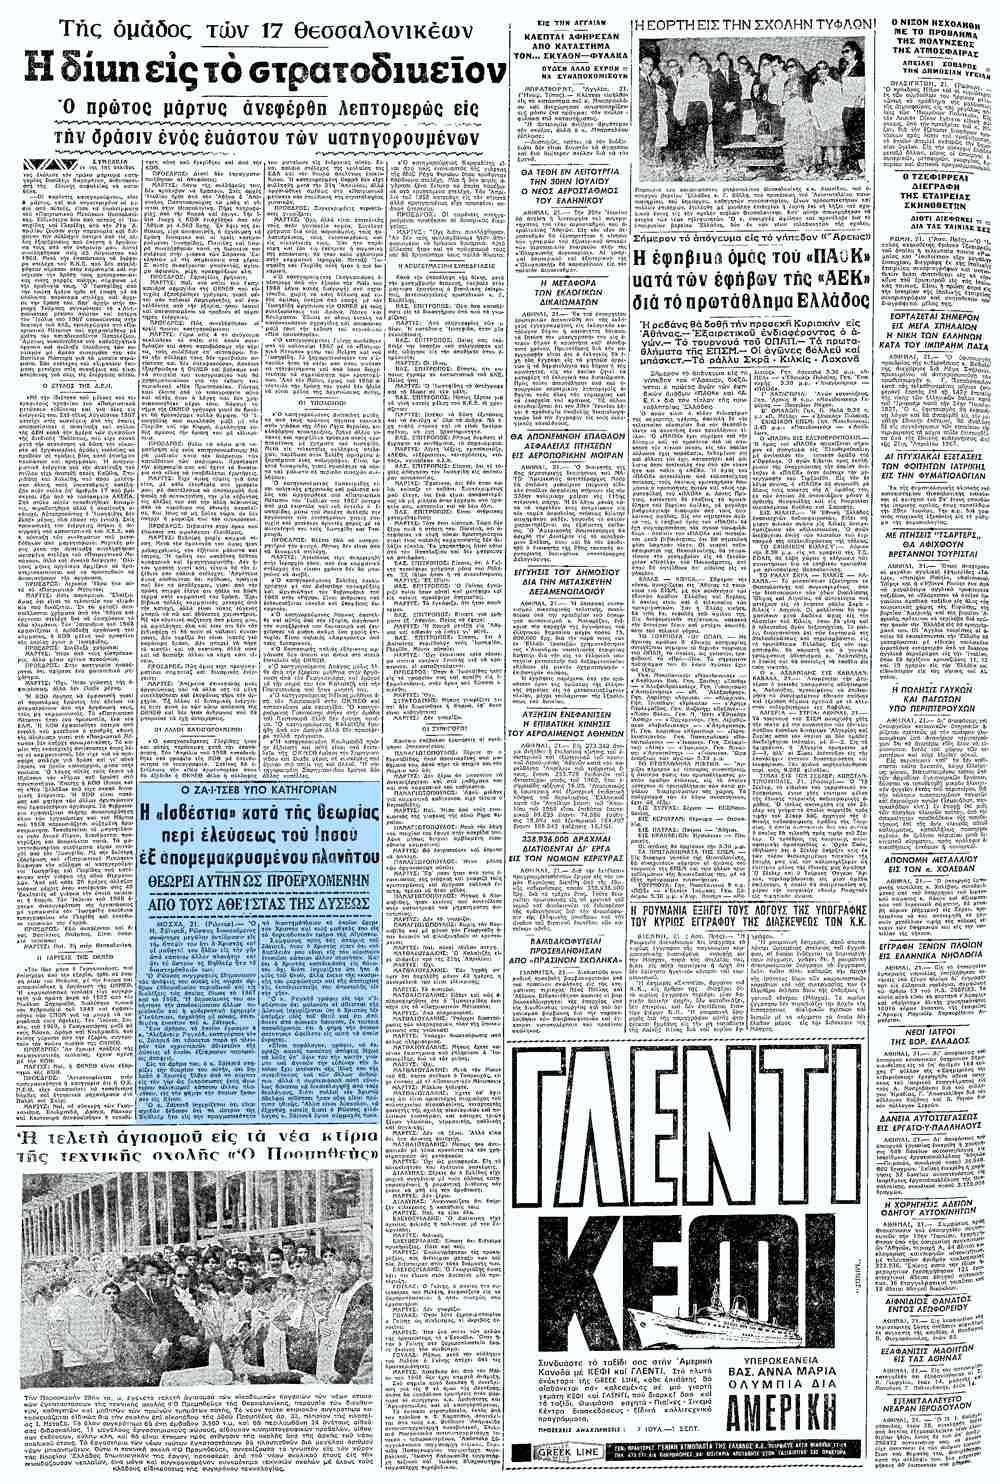 """Το άρθρο, όπως δημοσιεύθηκε στην εφημερίδα """"ΜΑΚΕΔΟΝΙΑ"""", στις 22/06/1969"""